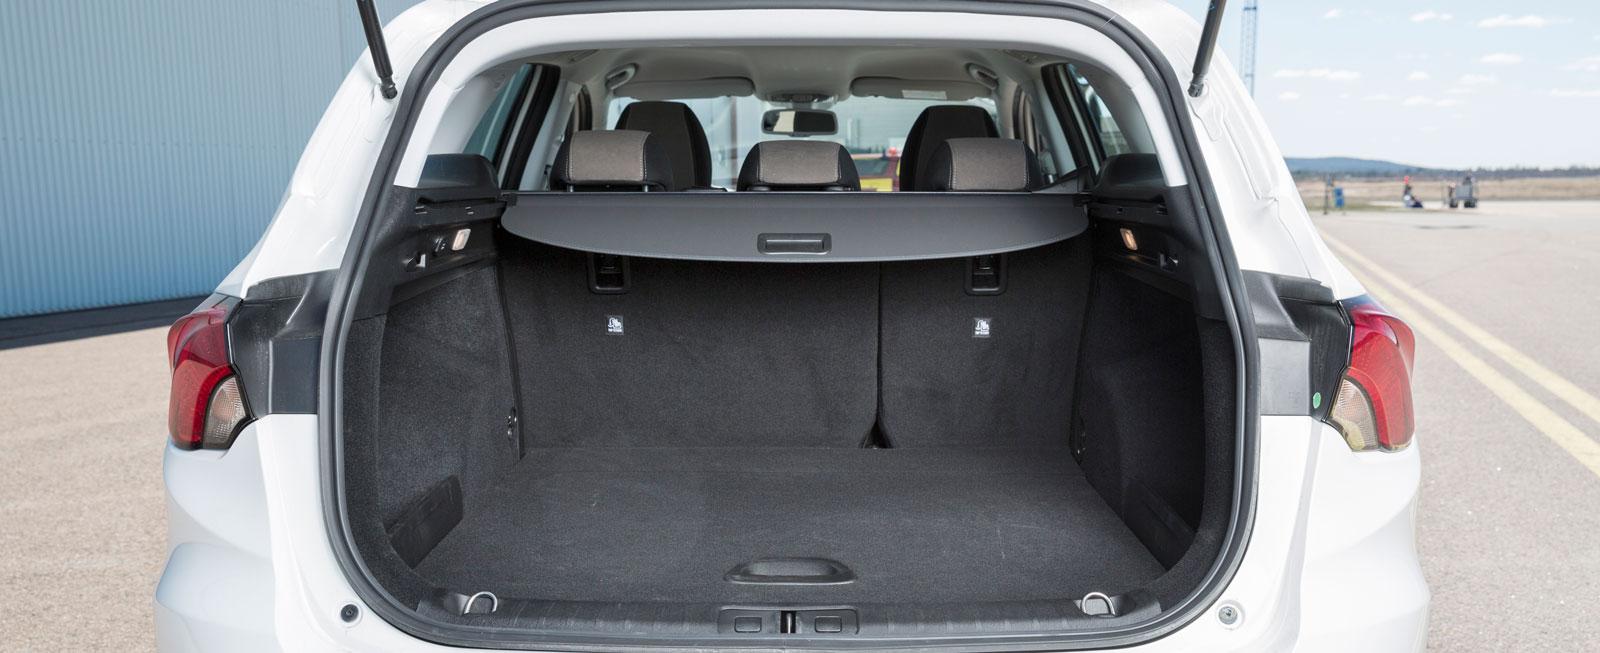 Ser man enbart till måtten är Fiats kombiutrymme minst i test. Men när vi mäter kapaciteten med drickabackar är det Tipo som slukar flest. Både sittdyna och ryggstöd kan fällas (60/40) och en bra finess är det sänkbara lastgolvet. Kasskrokar och 12 V-uttag finns, men ryggstöden kan inte fällas bakifrån.